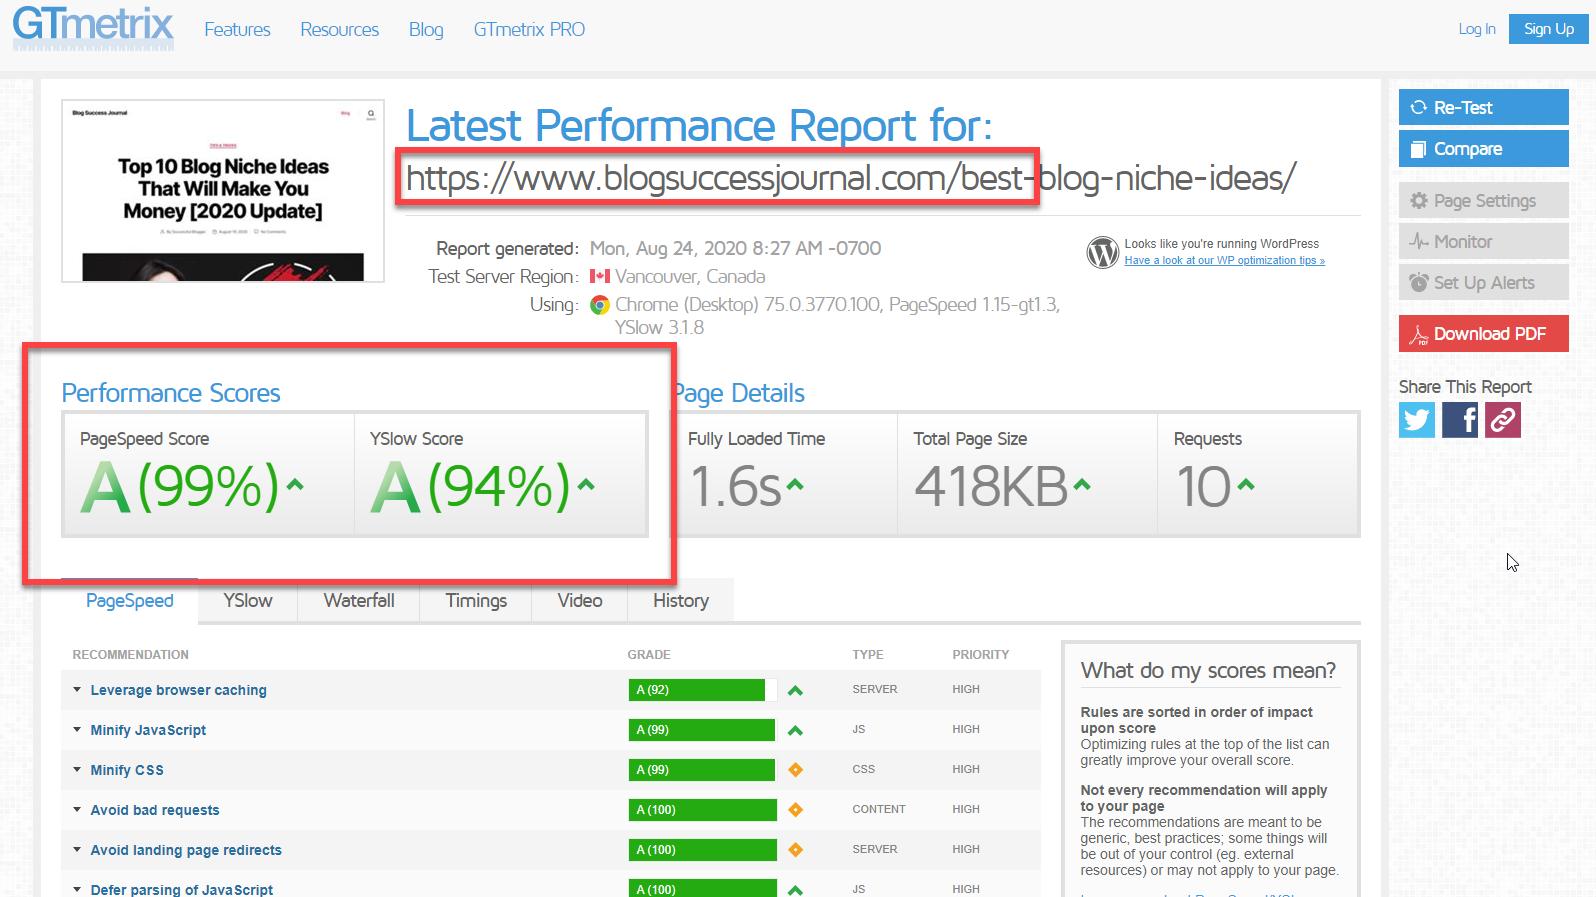 GTmetrix Excellent Blog Performance A Scores